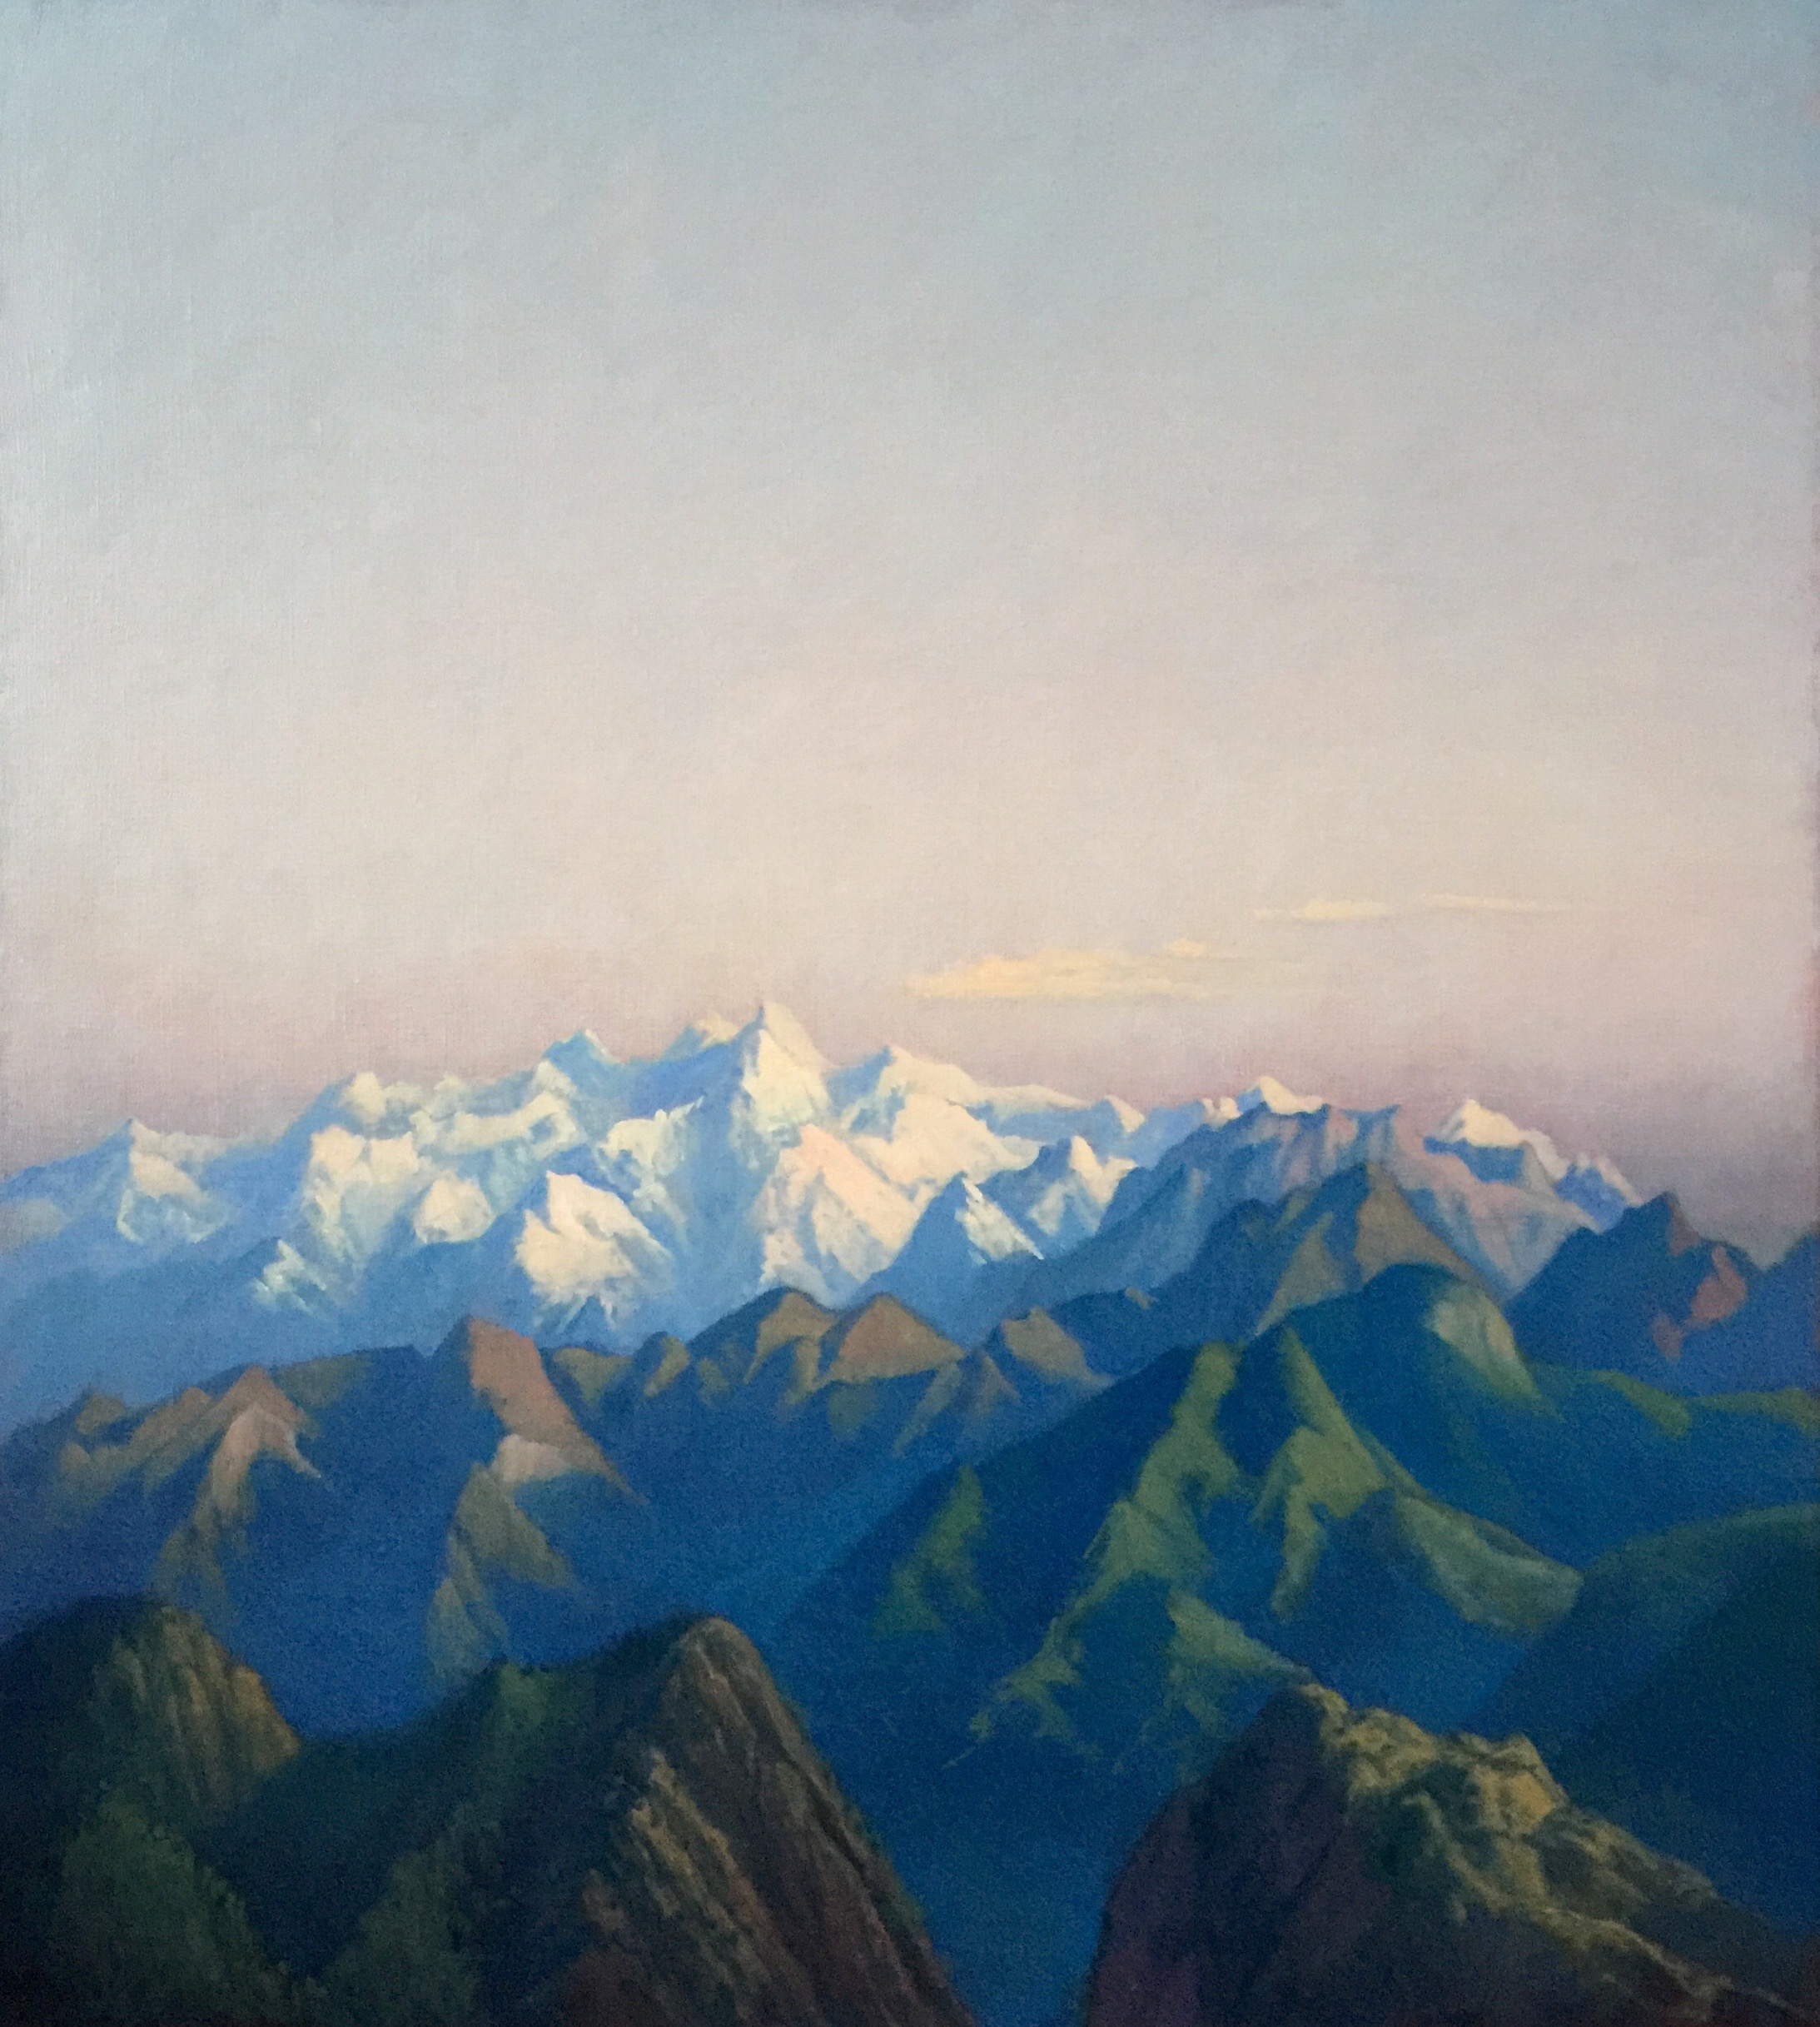 Tobit Roche: Himalayan Landscape No.8